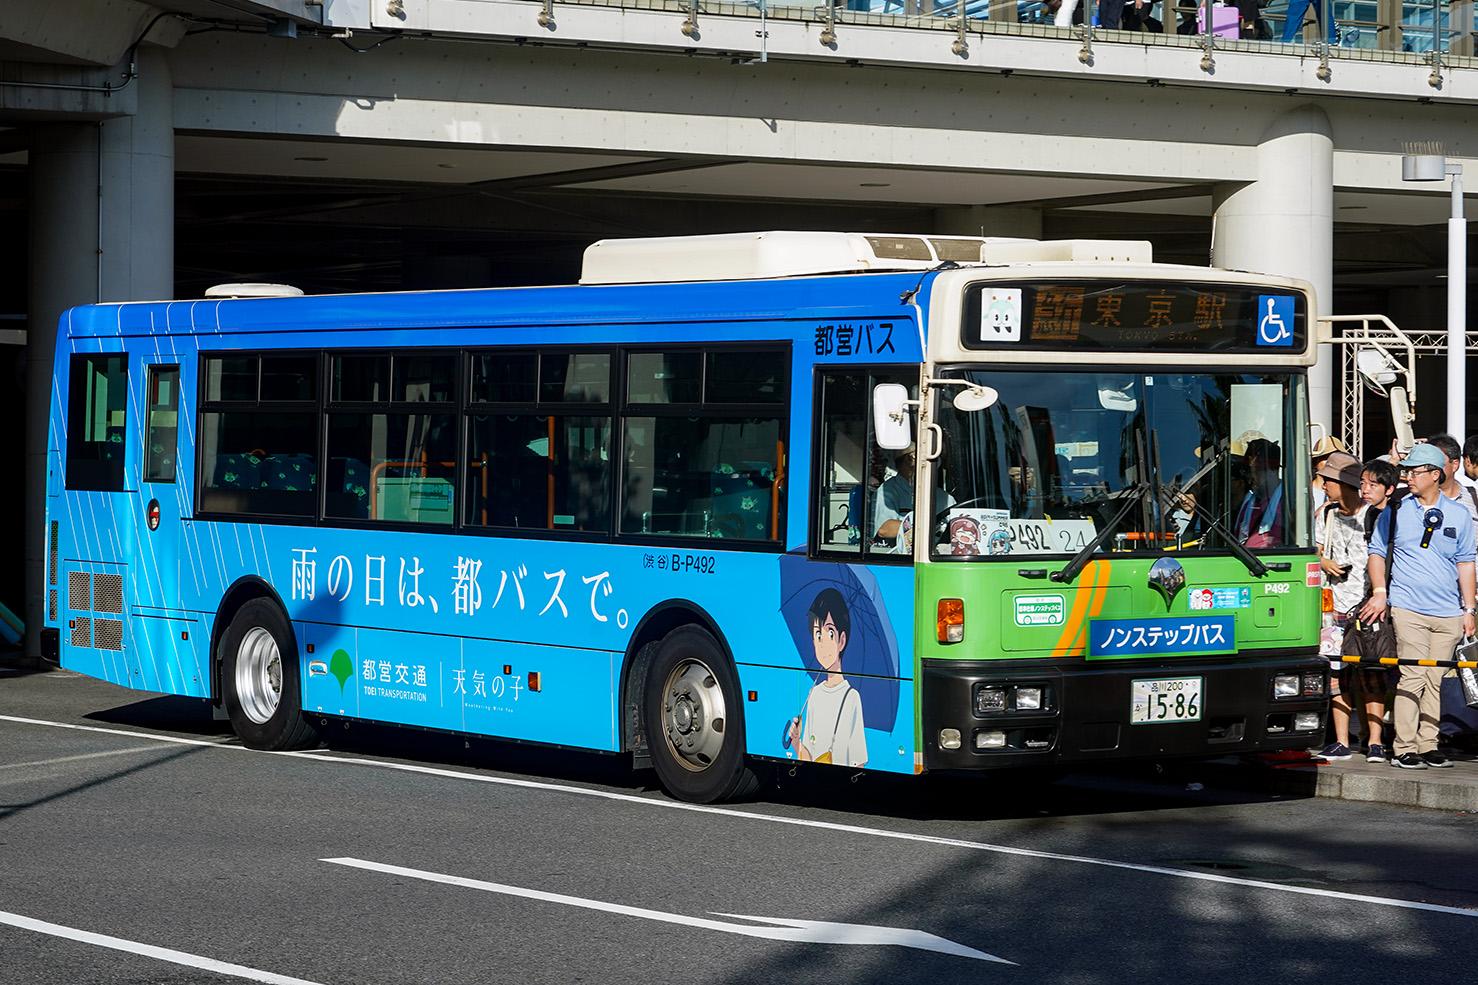 コミックマーケット96の臨時バス